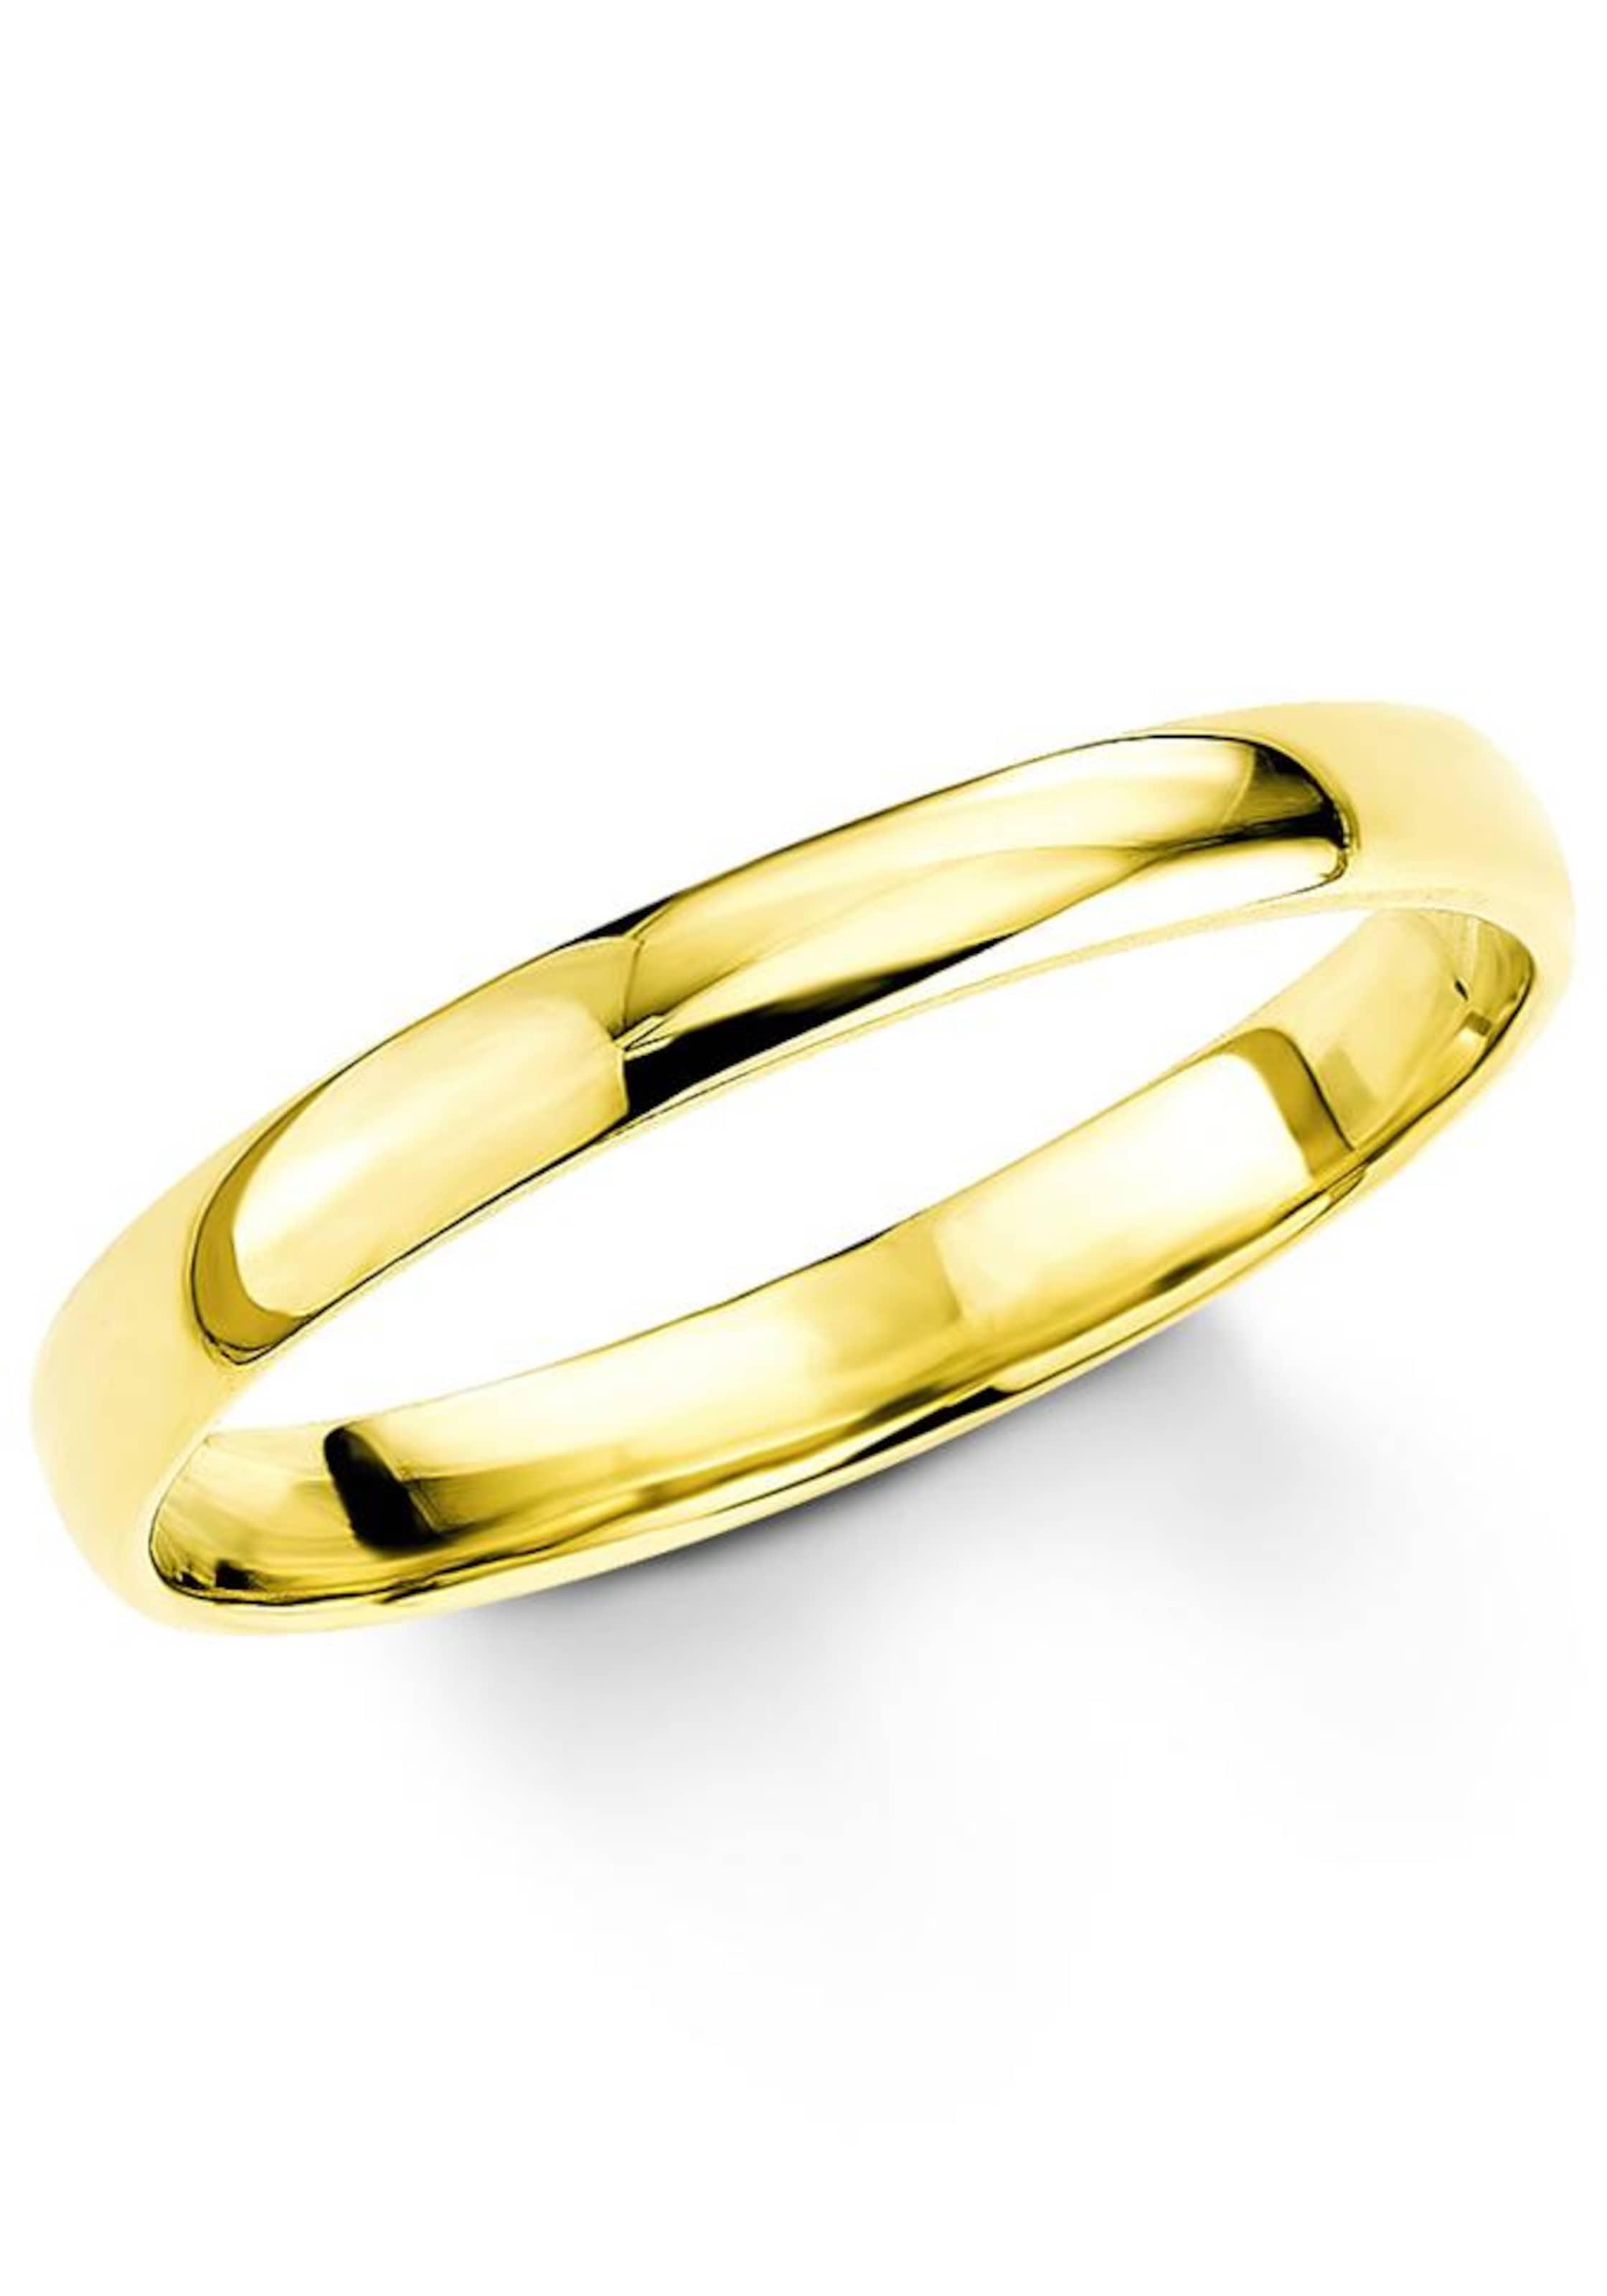 '9831883' Amor '9831883' Goldring Goldring Amor In Gold mOn0w8vN